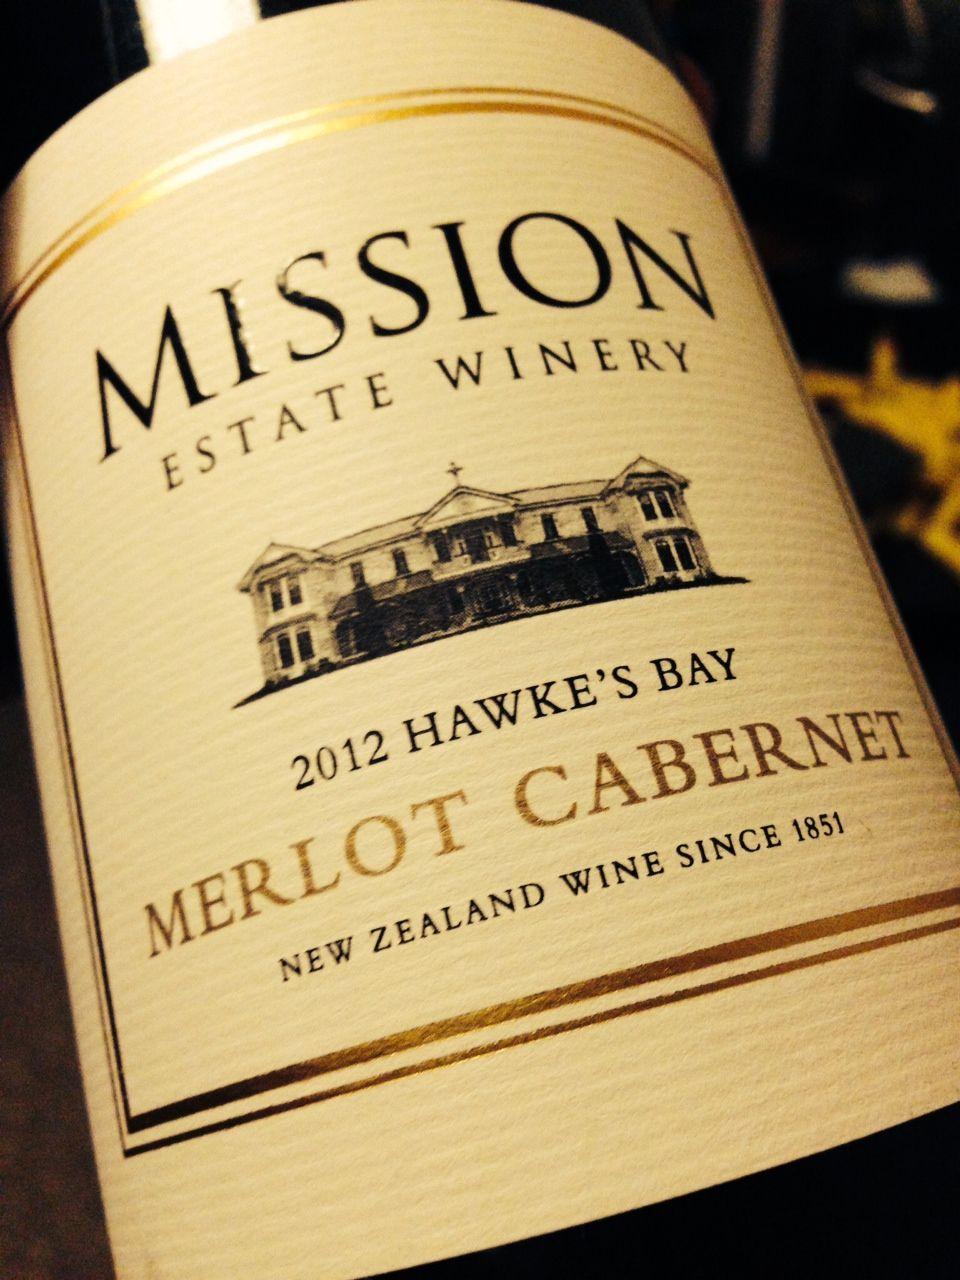 Mission Estate Merlot Cabernet 2012 aus Neuseeland Noch ein bisschen jung, hat aber schon eine satte Frucht nach dunklen Beeren und schöne Schokolade. Braucht aber jetzt einfach noch Luft. Typischer Wein aus Hawkes Bay, erinnert sehr an Bordeaux KellerWeine - Best of New Zealand kellerweine.de/shop